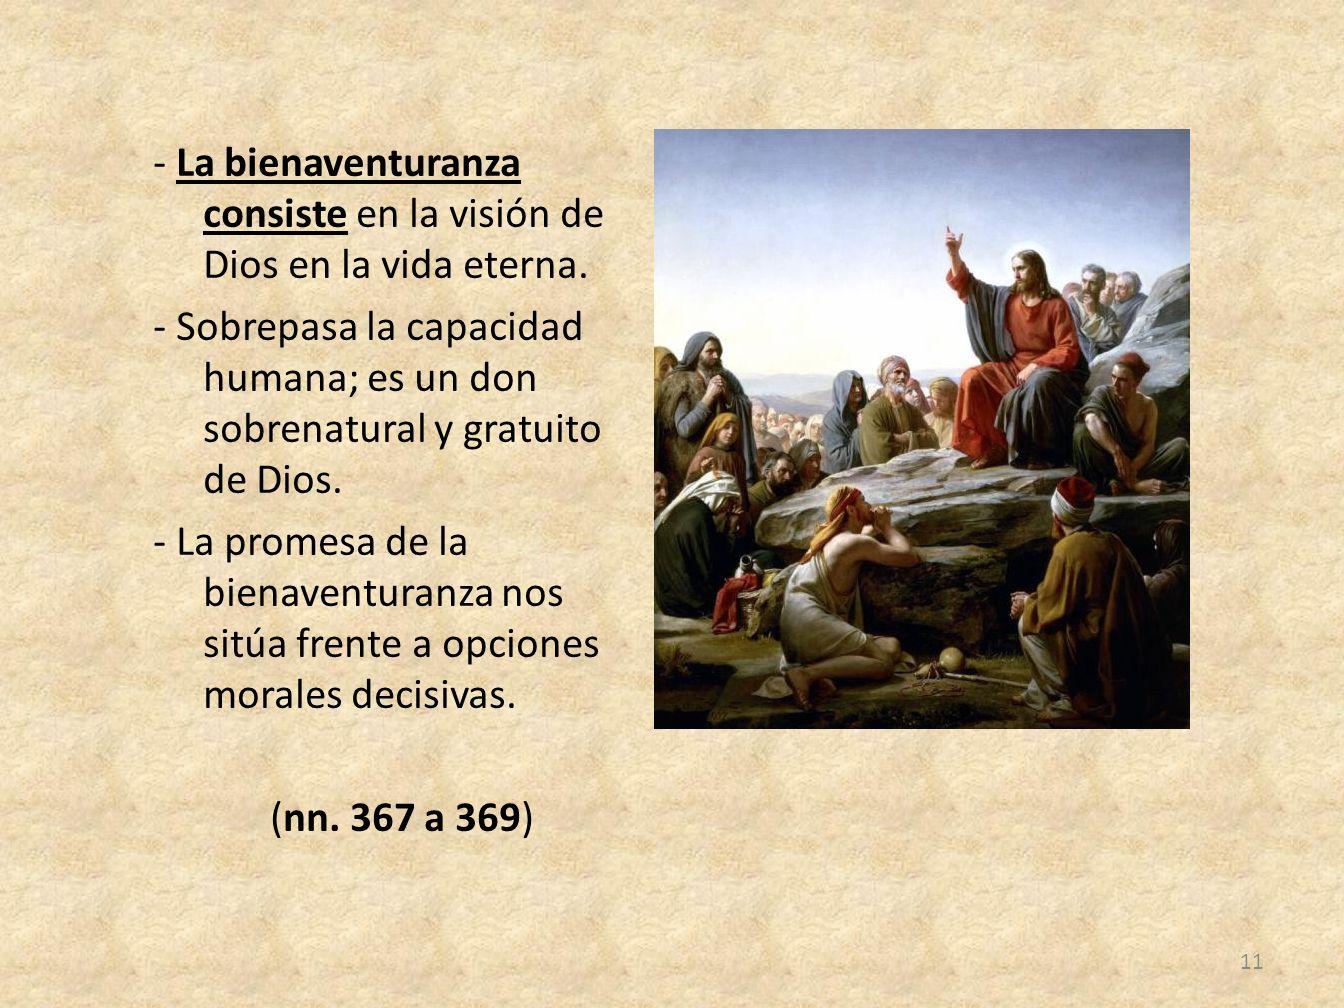 - La bienaventuranza consiste en la visión de Dios en la vida eterna.